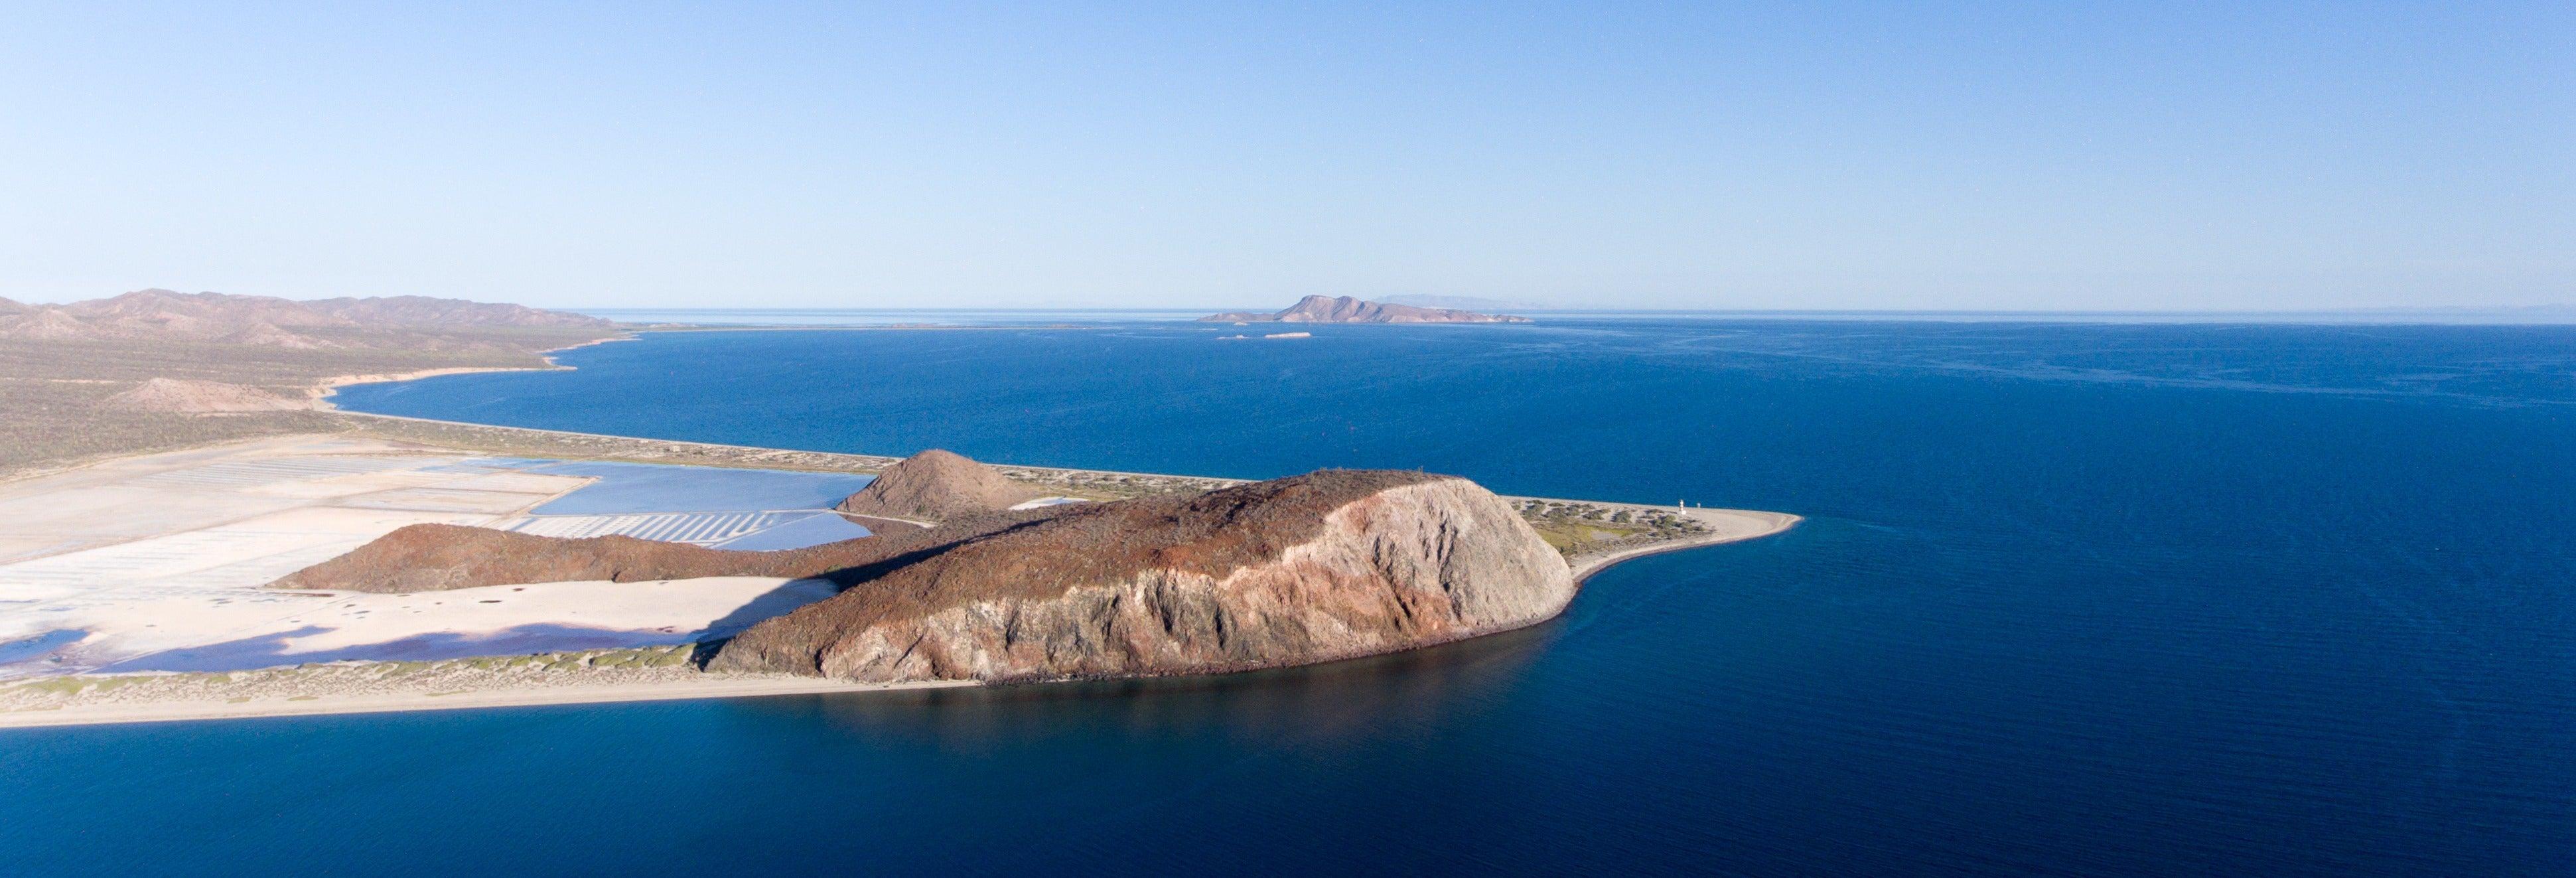 Excursión en crucero de 4 días por el mar de Cortés desde La Paz